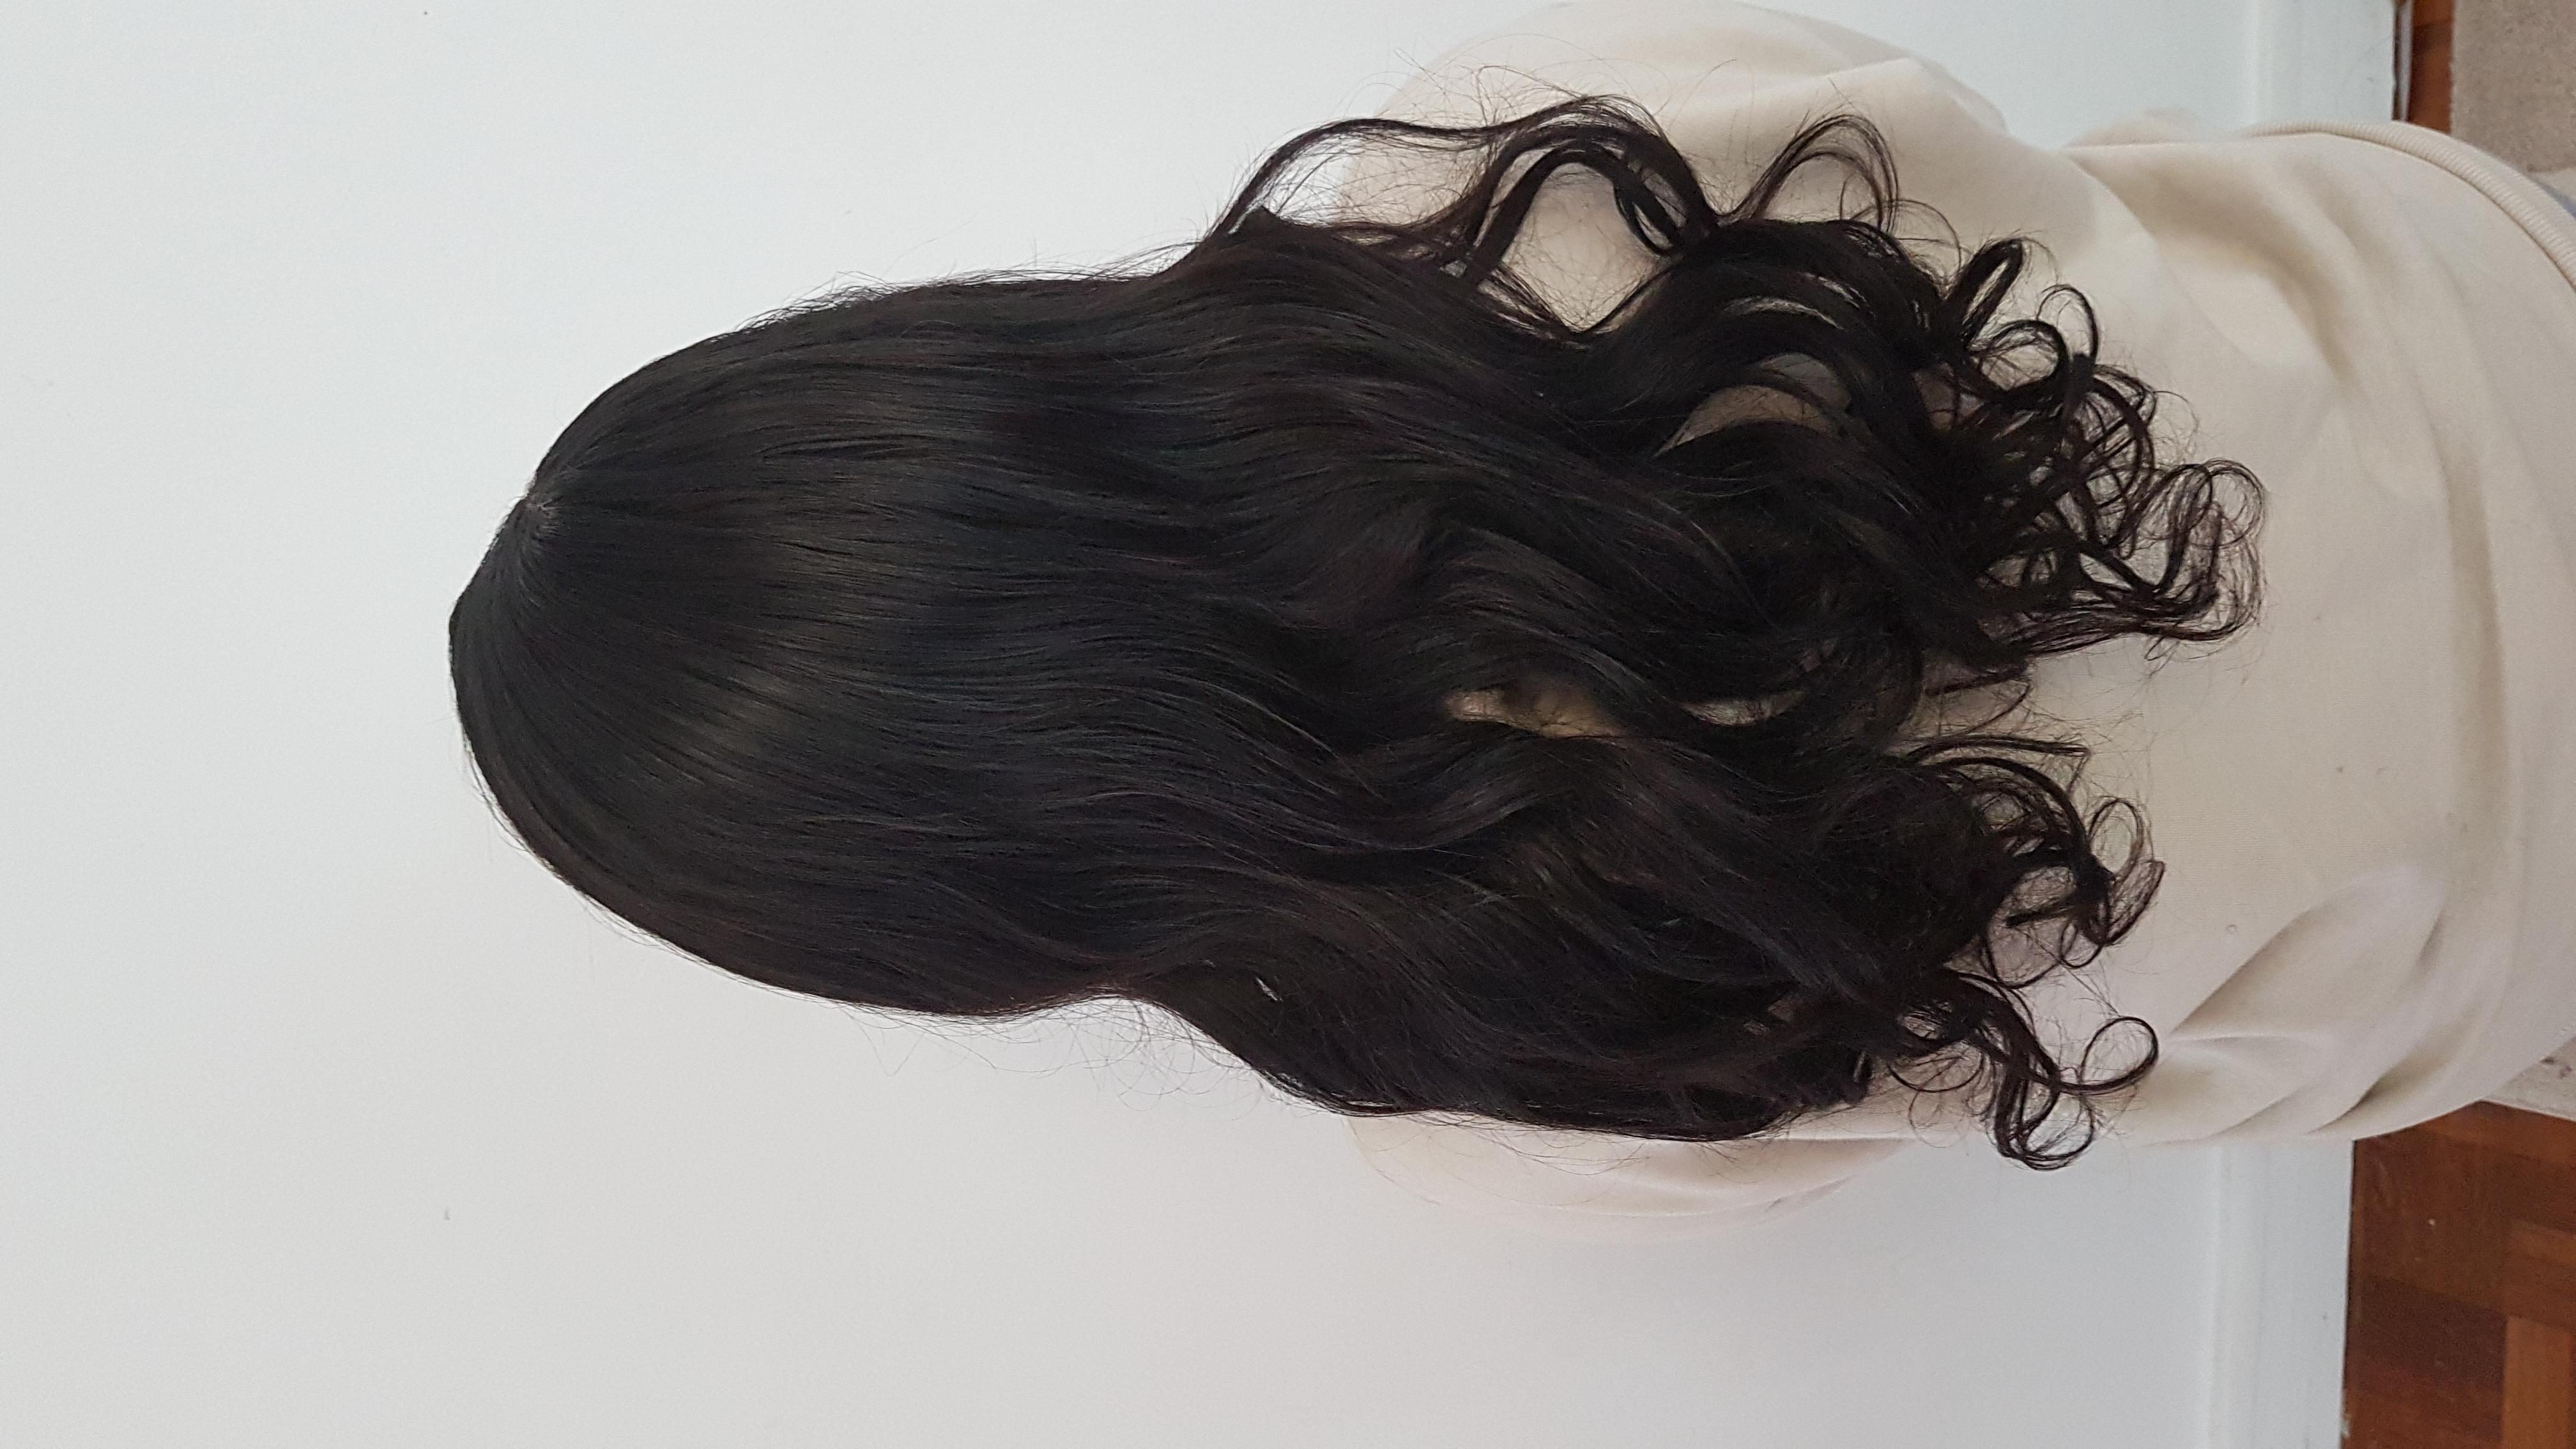 salon de coiffure afro tresse tresses box braids crochet braids vanilles tissages paris 75 77 78 91 92 93 94 95 TODLCCTU